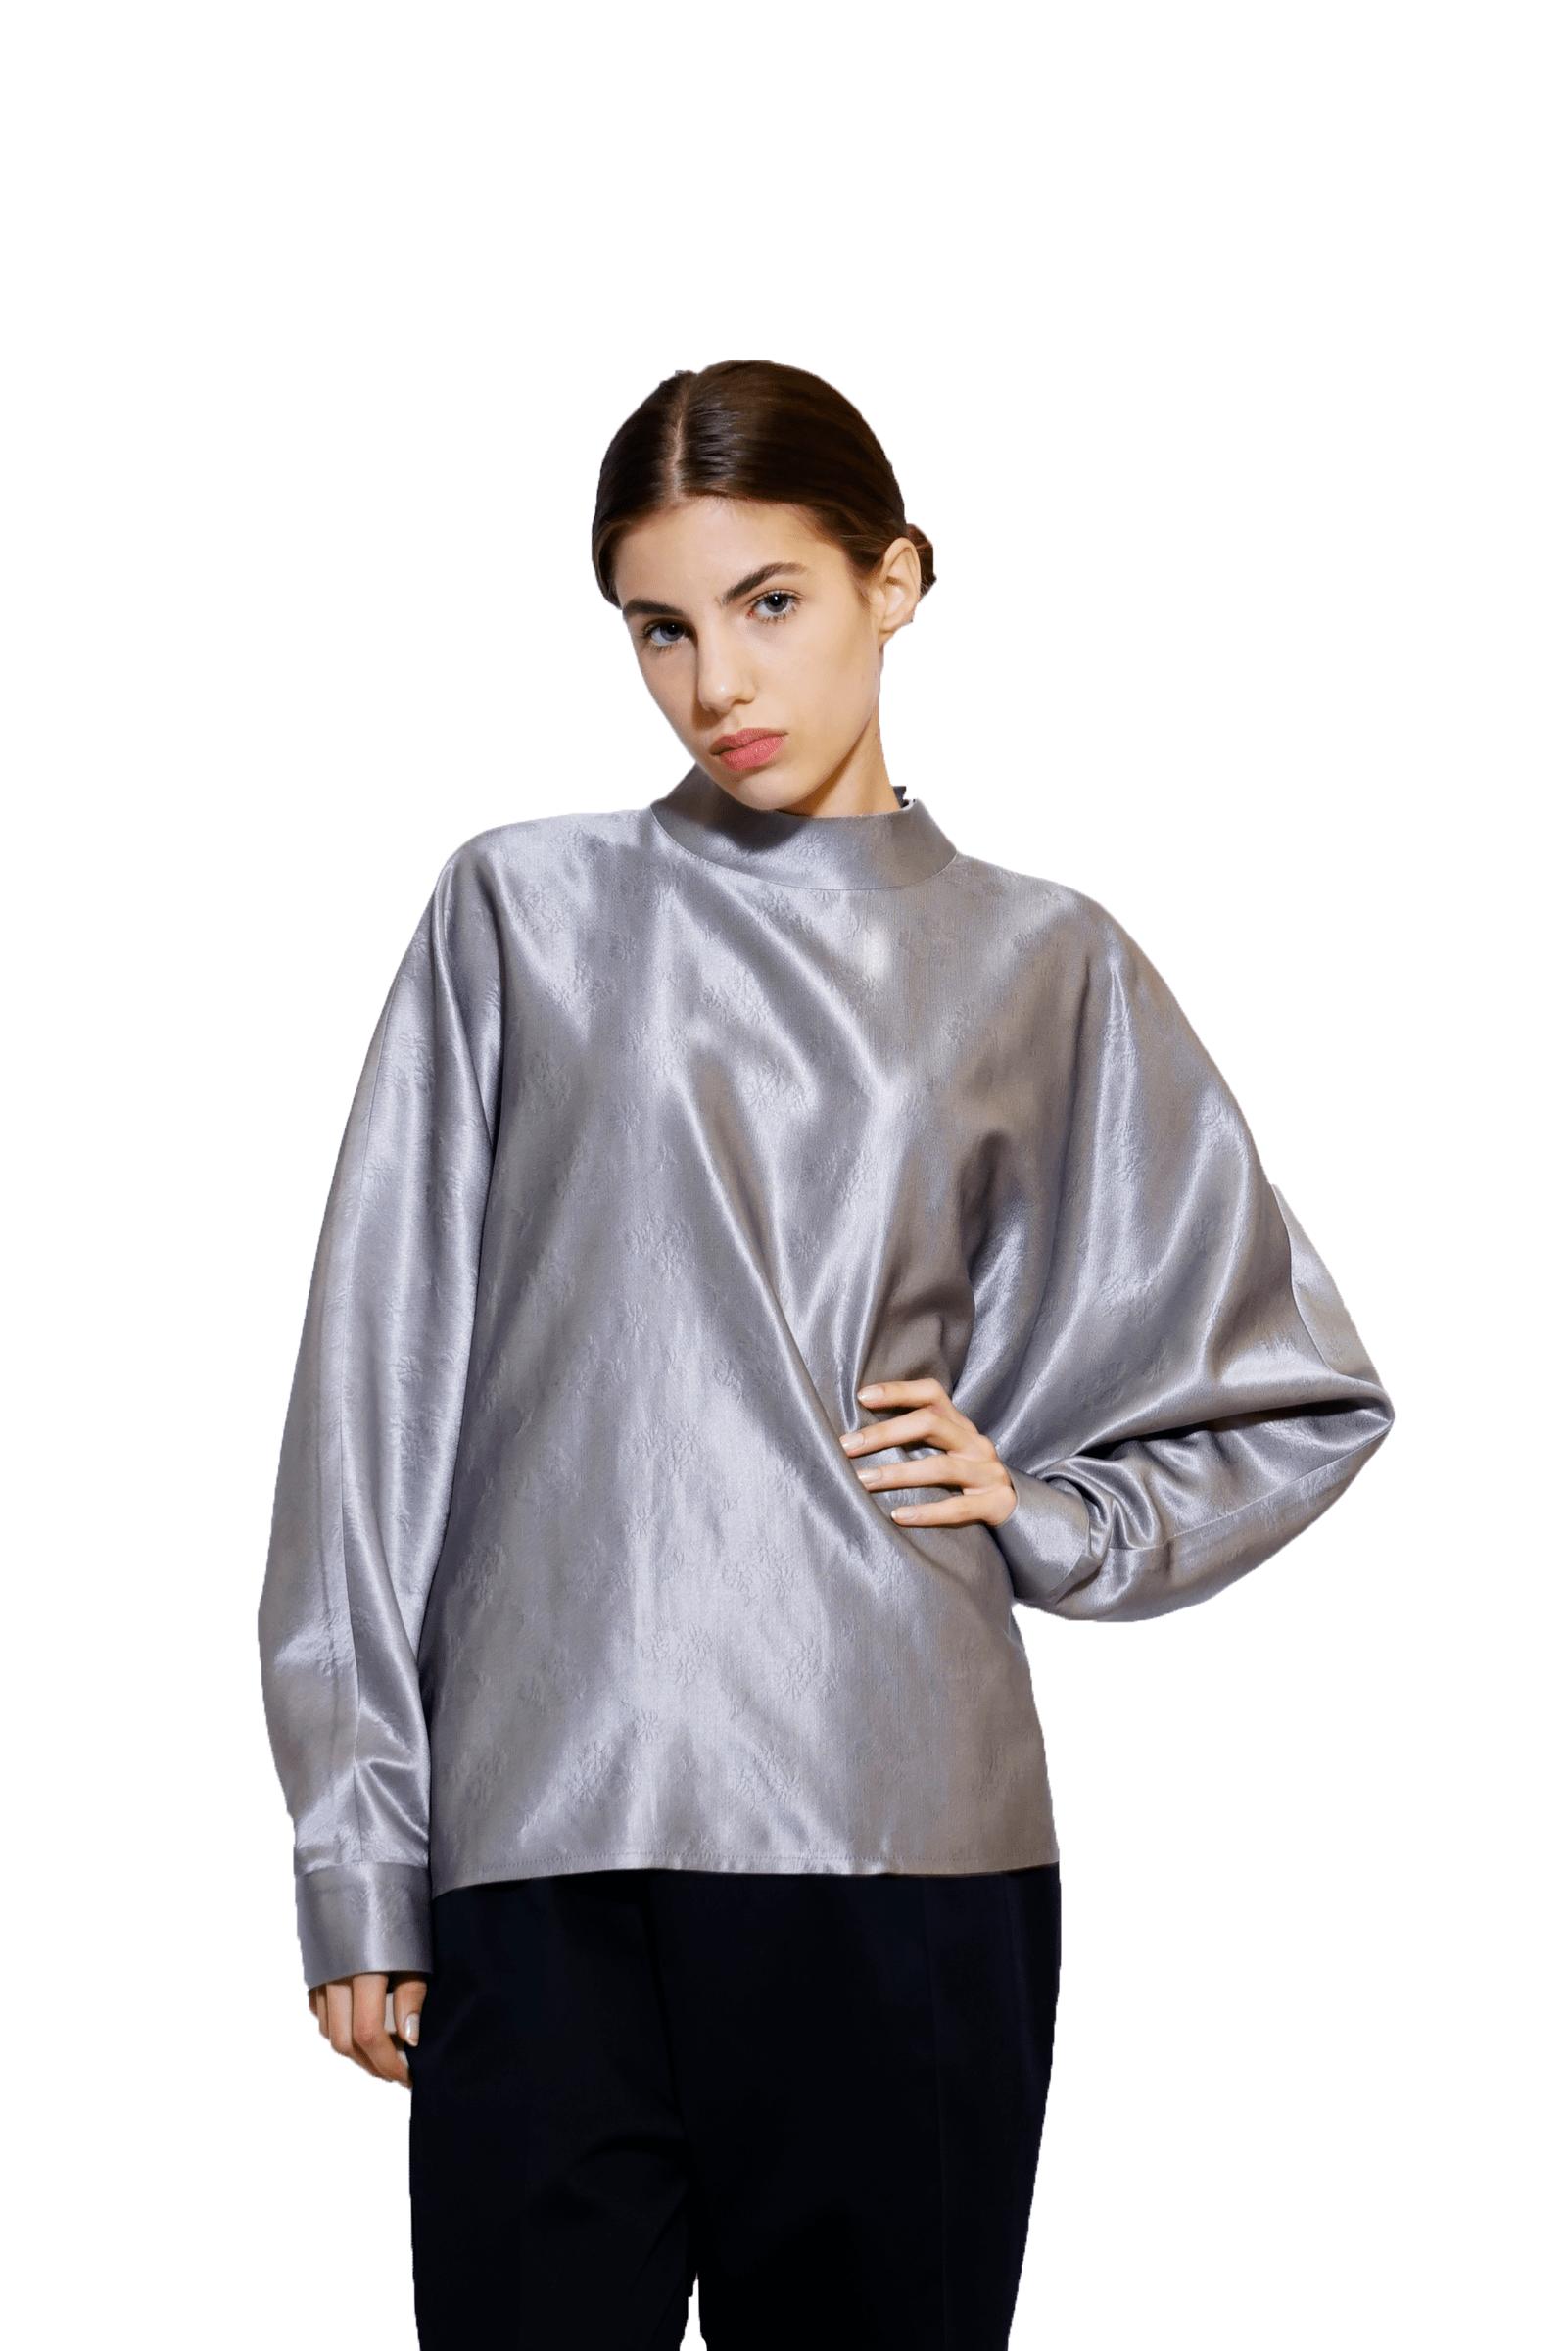 Silver brocade blouse